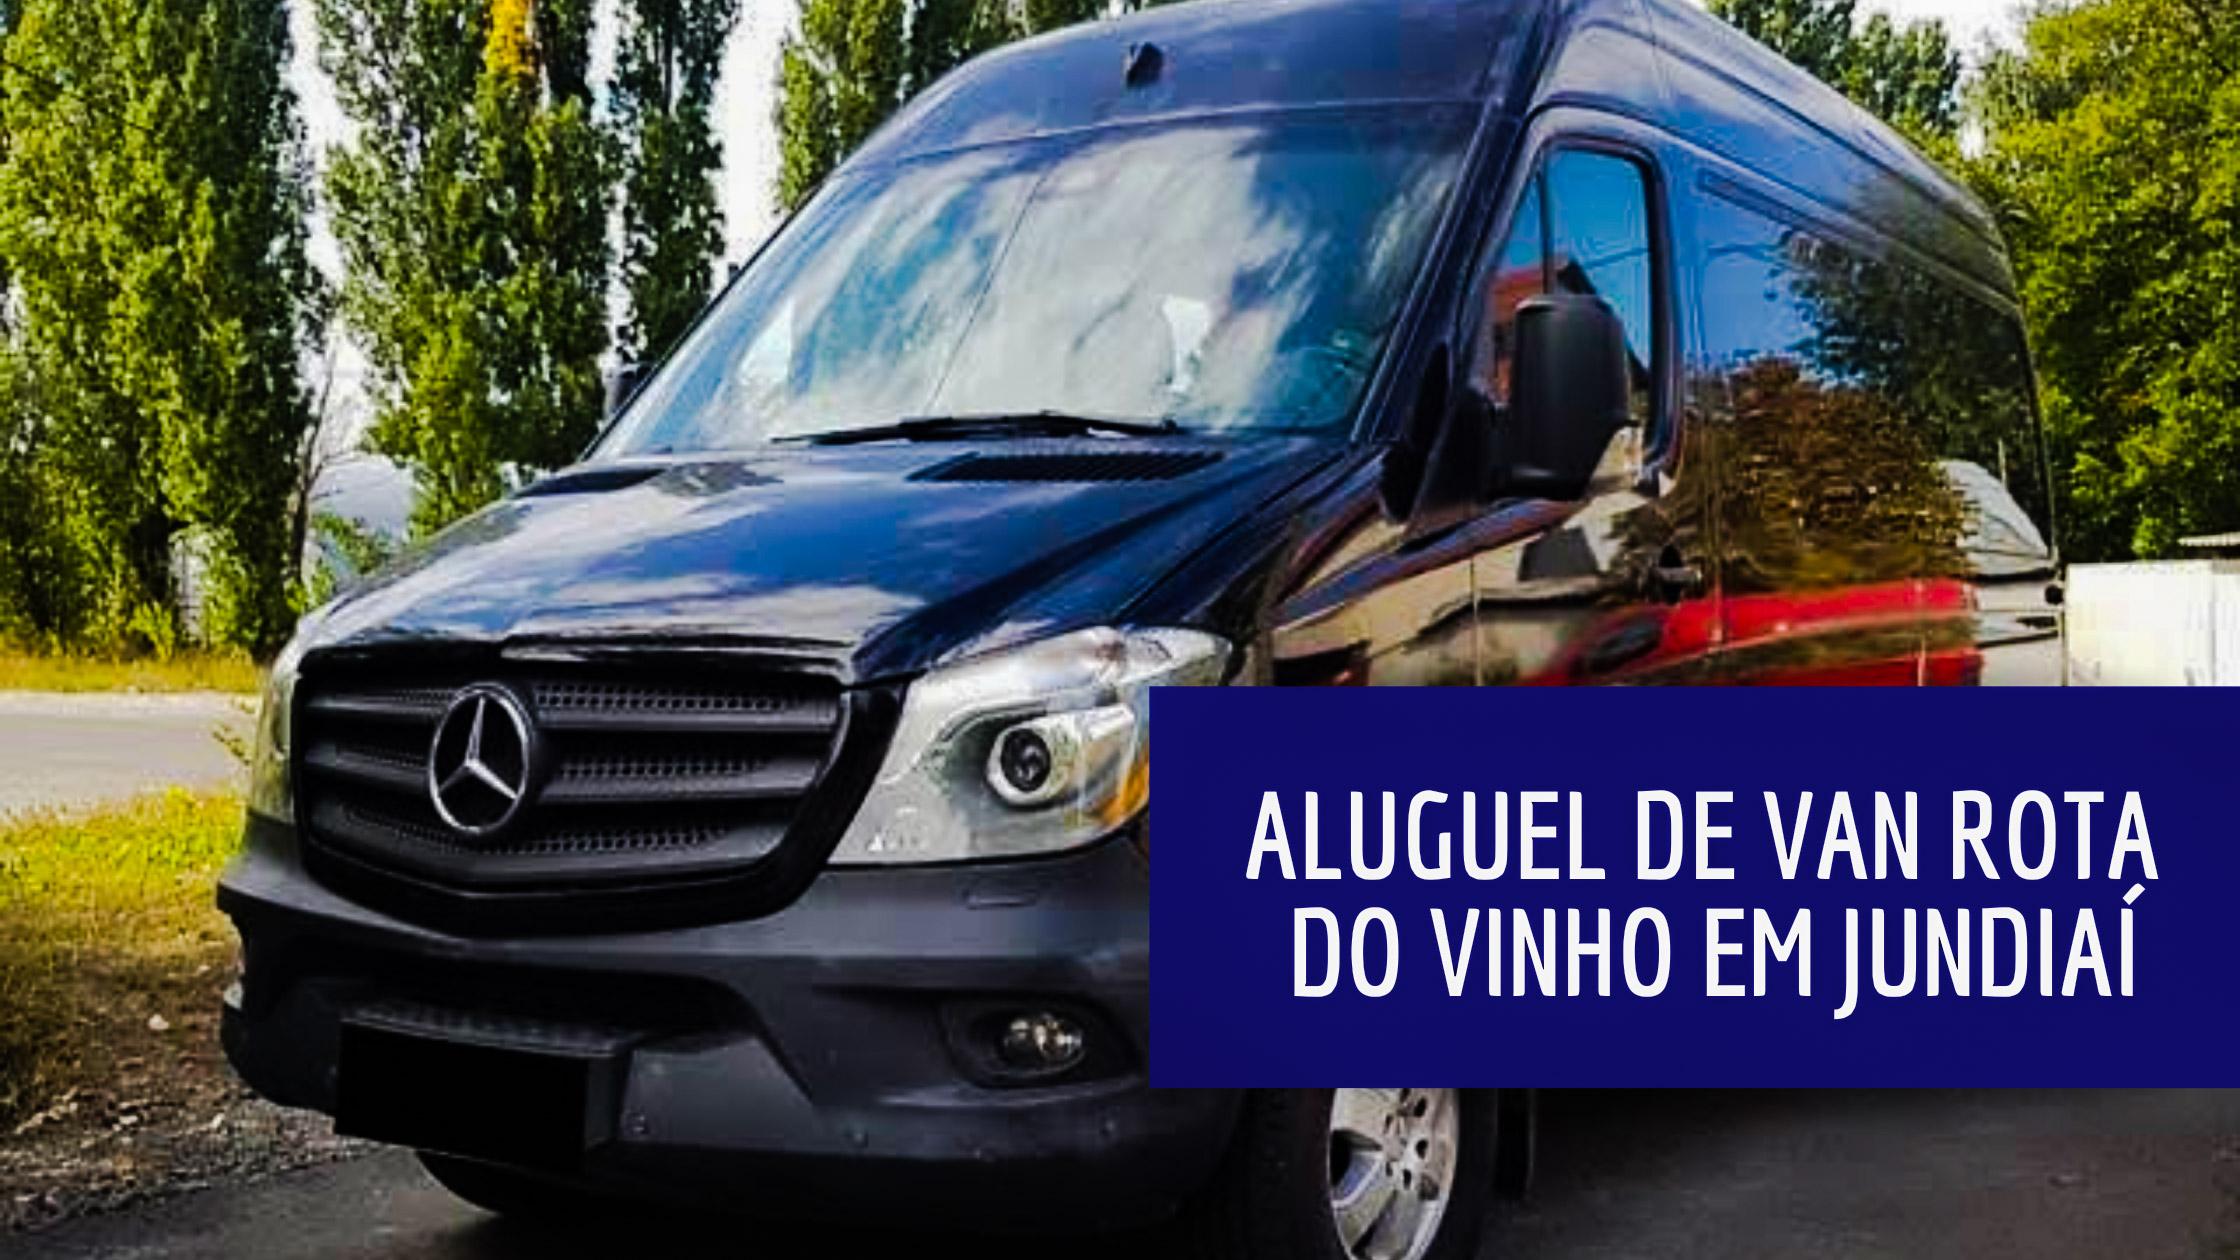 Aluguel-de-vans-rota-do-vinho-em-Jundiaí